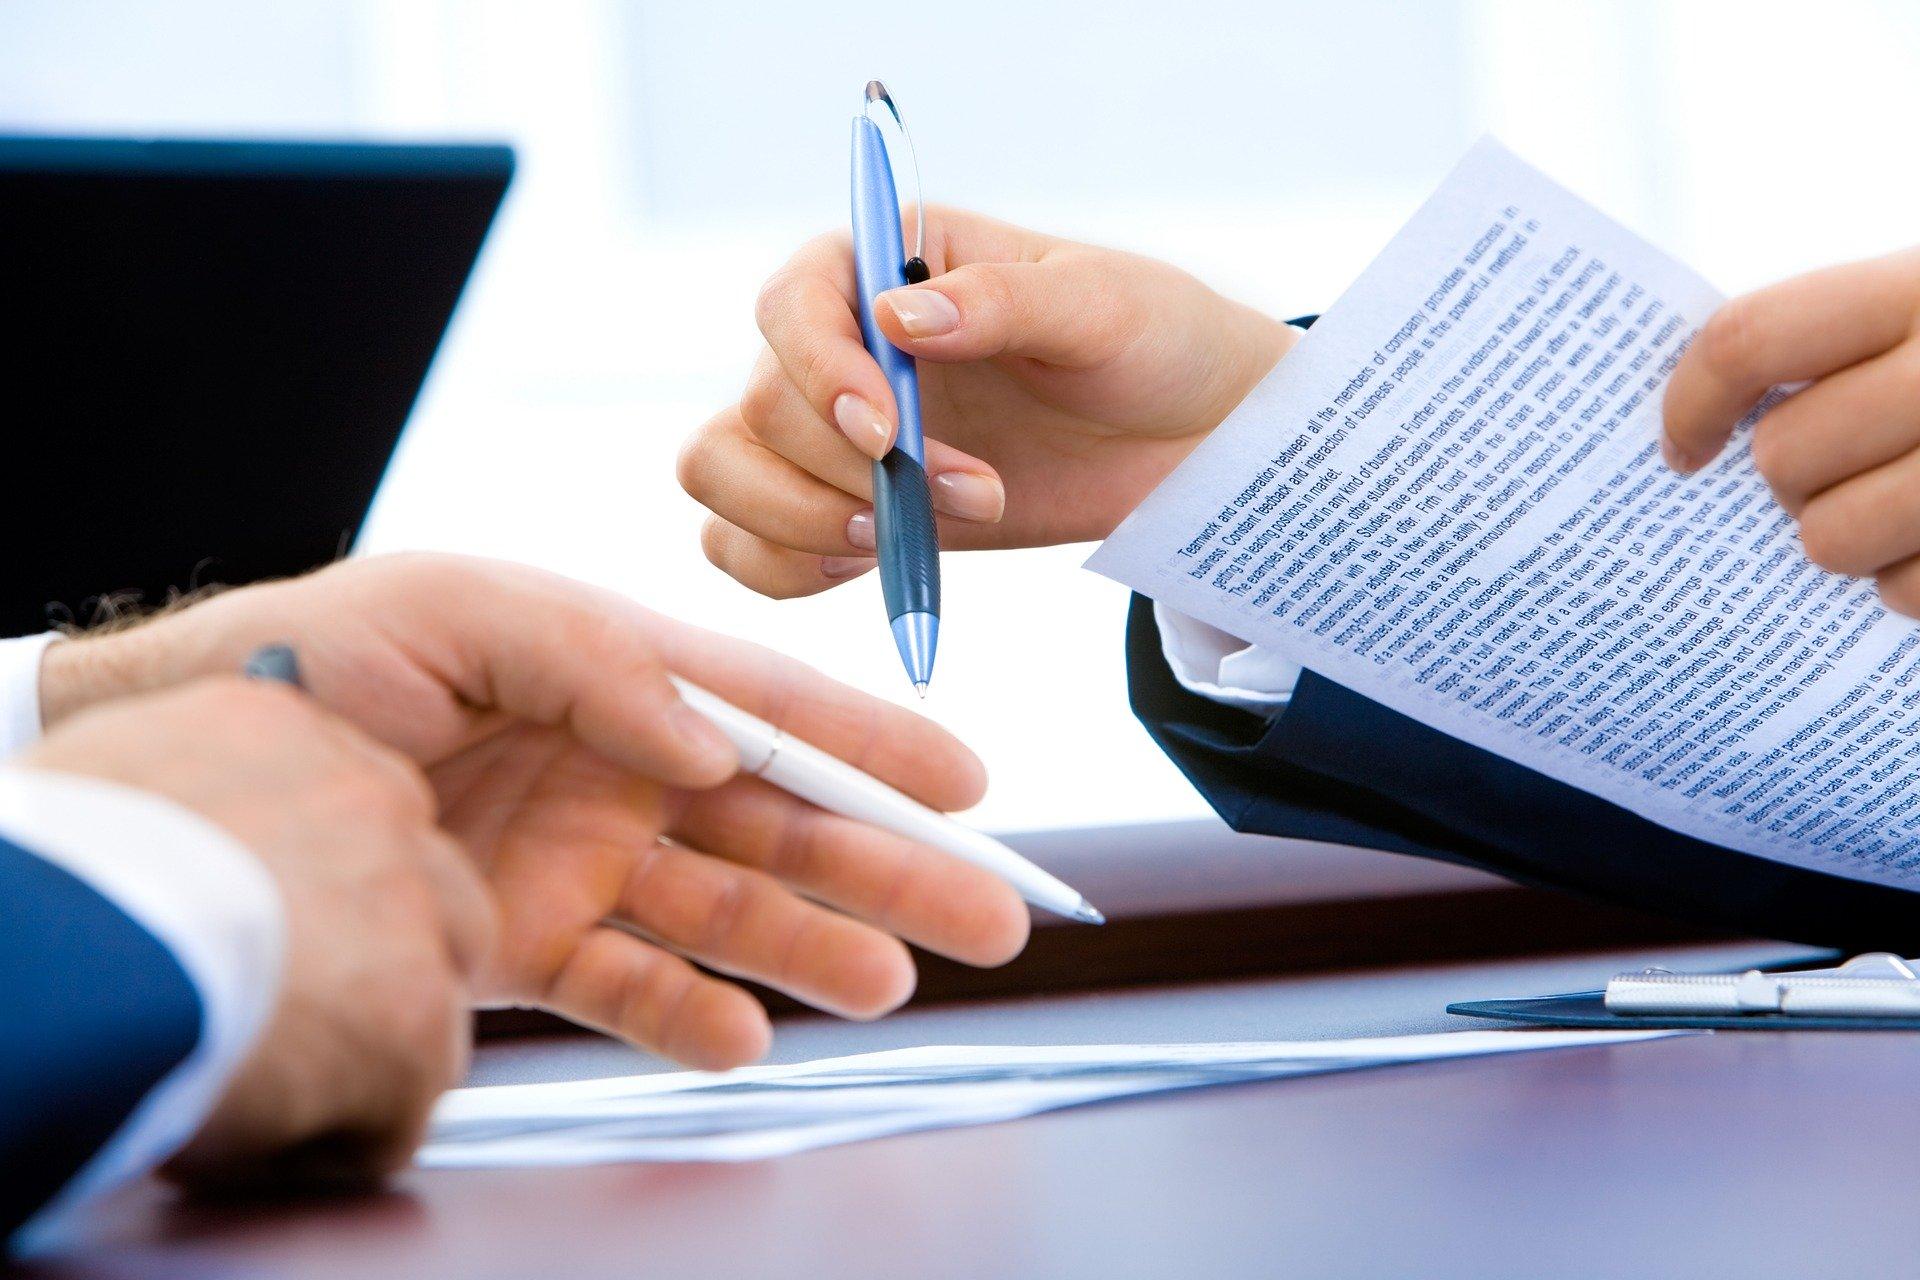 קניית דירה: 4 דברים חשובים שאפשר לבדוק לפני שלוקחים עורך דין, ומה לסכם עם המוכרים